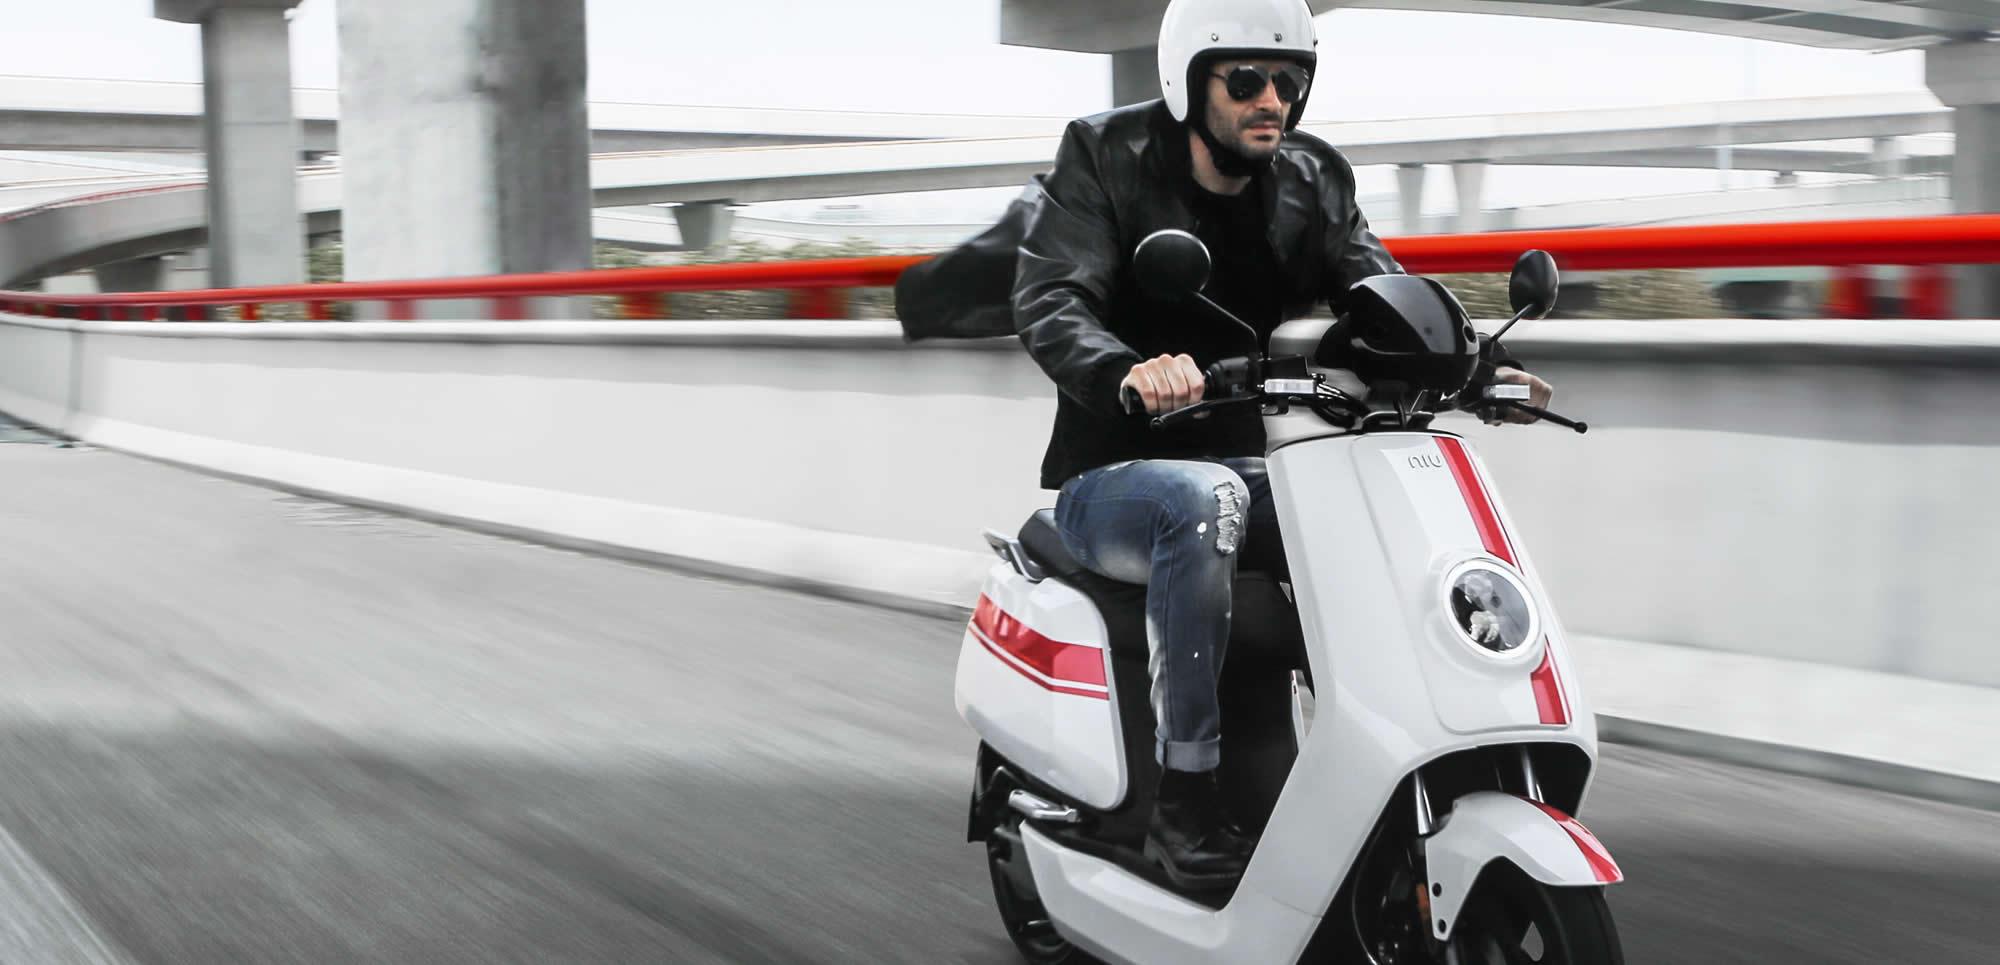 sklep motocyklowy elblag, enduro cross gdansk